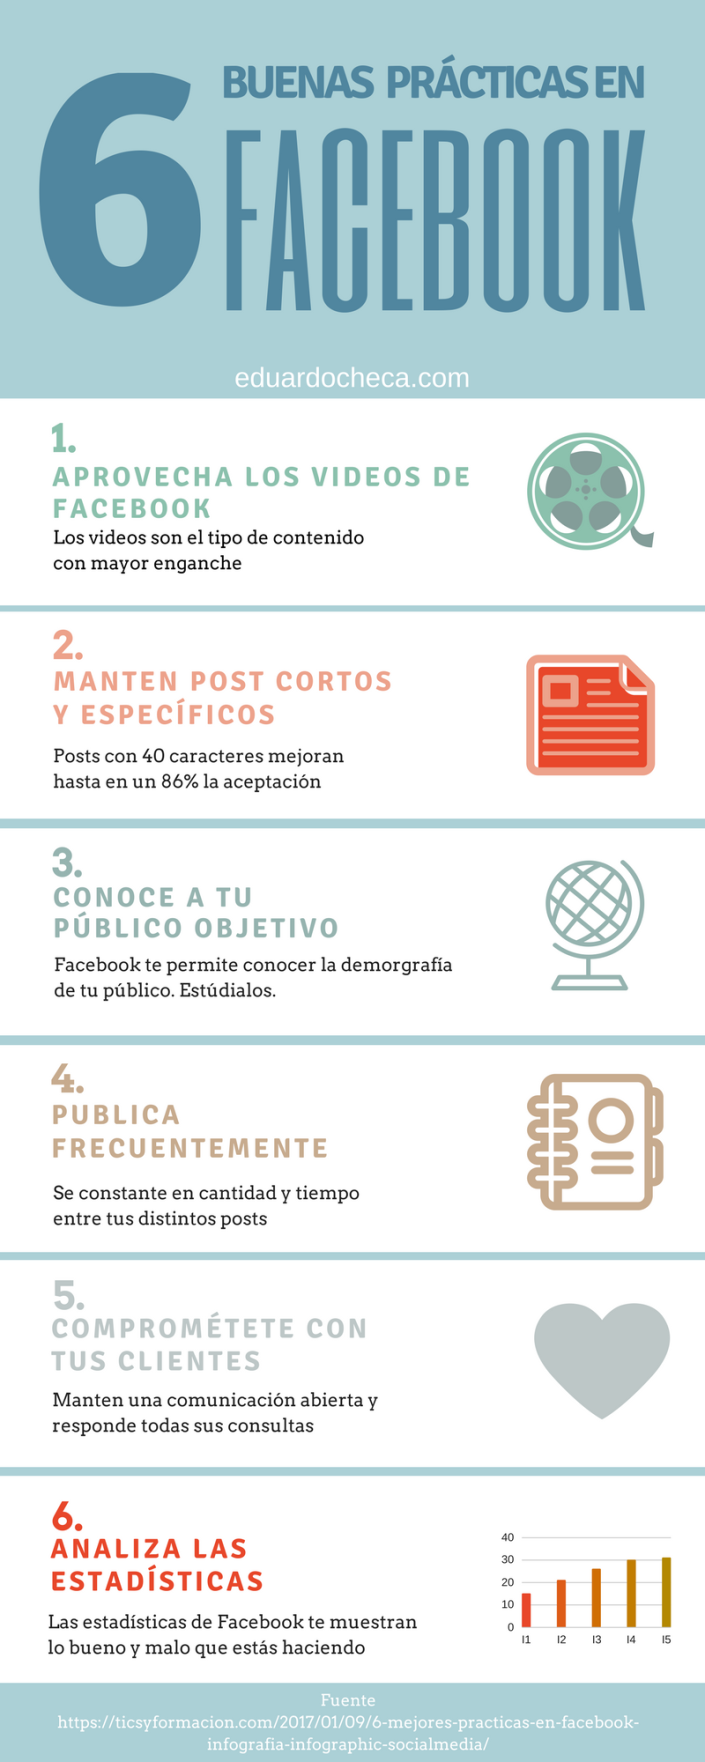 6-buenas-practicas-en-facebook